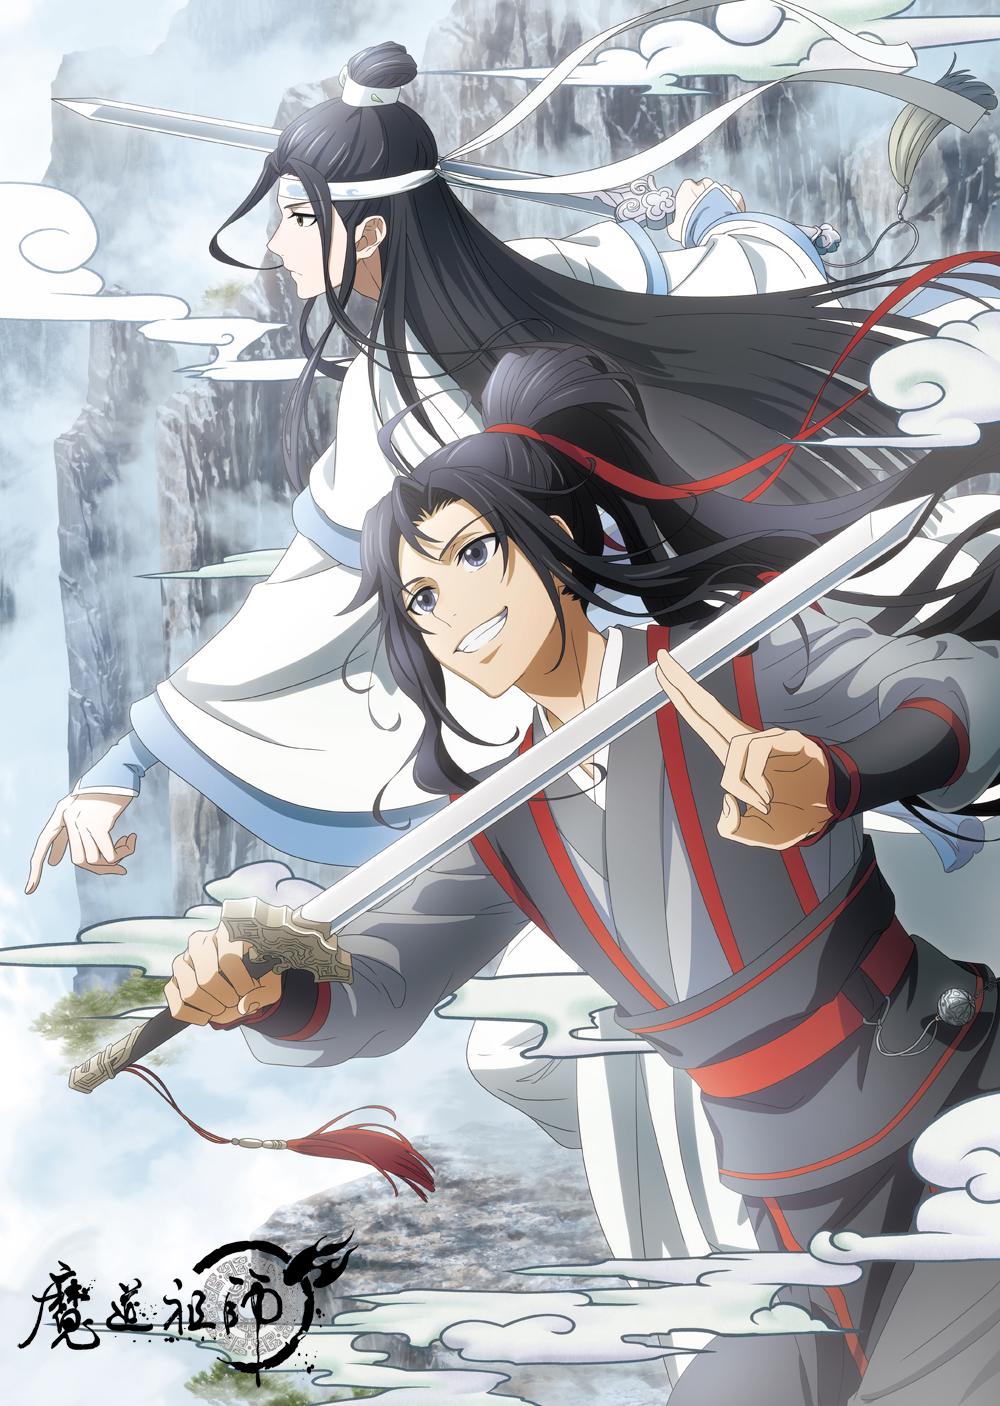 TVアニメ「魔道祖師」キービジュアル